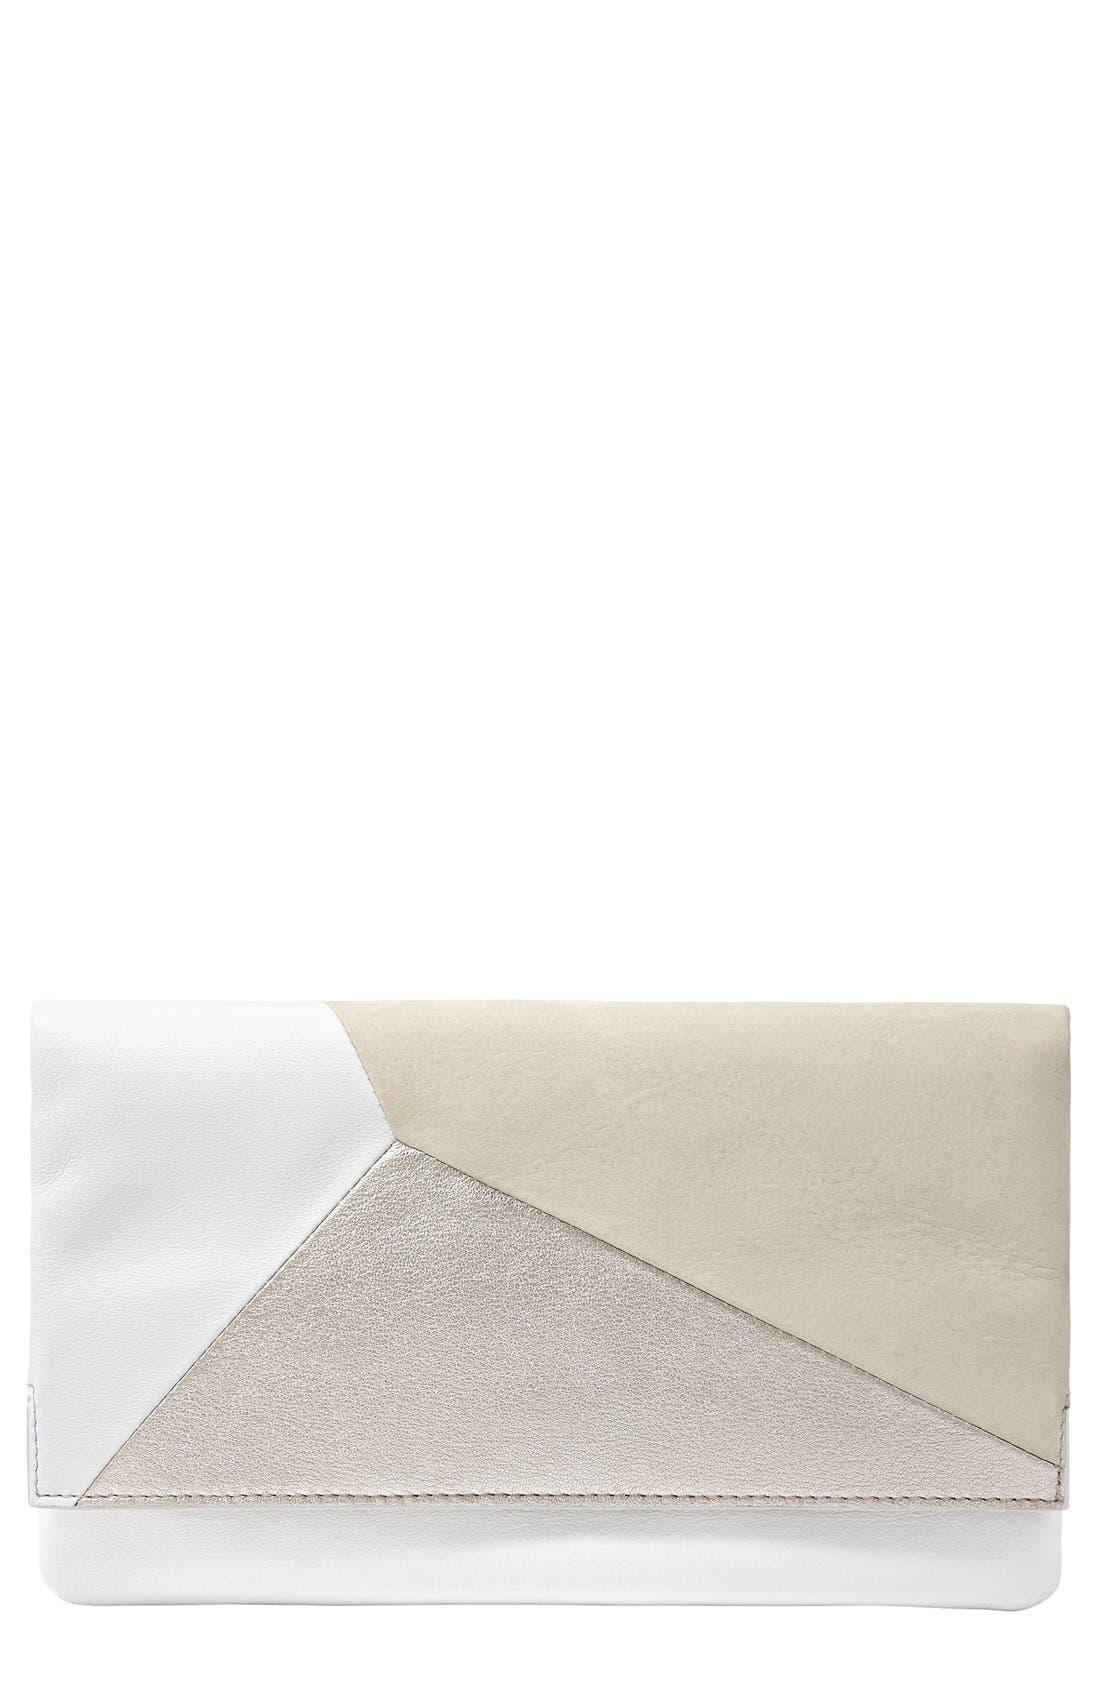 Main Image - Skagen Flap Clutch Wallet